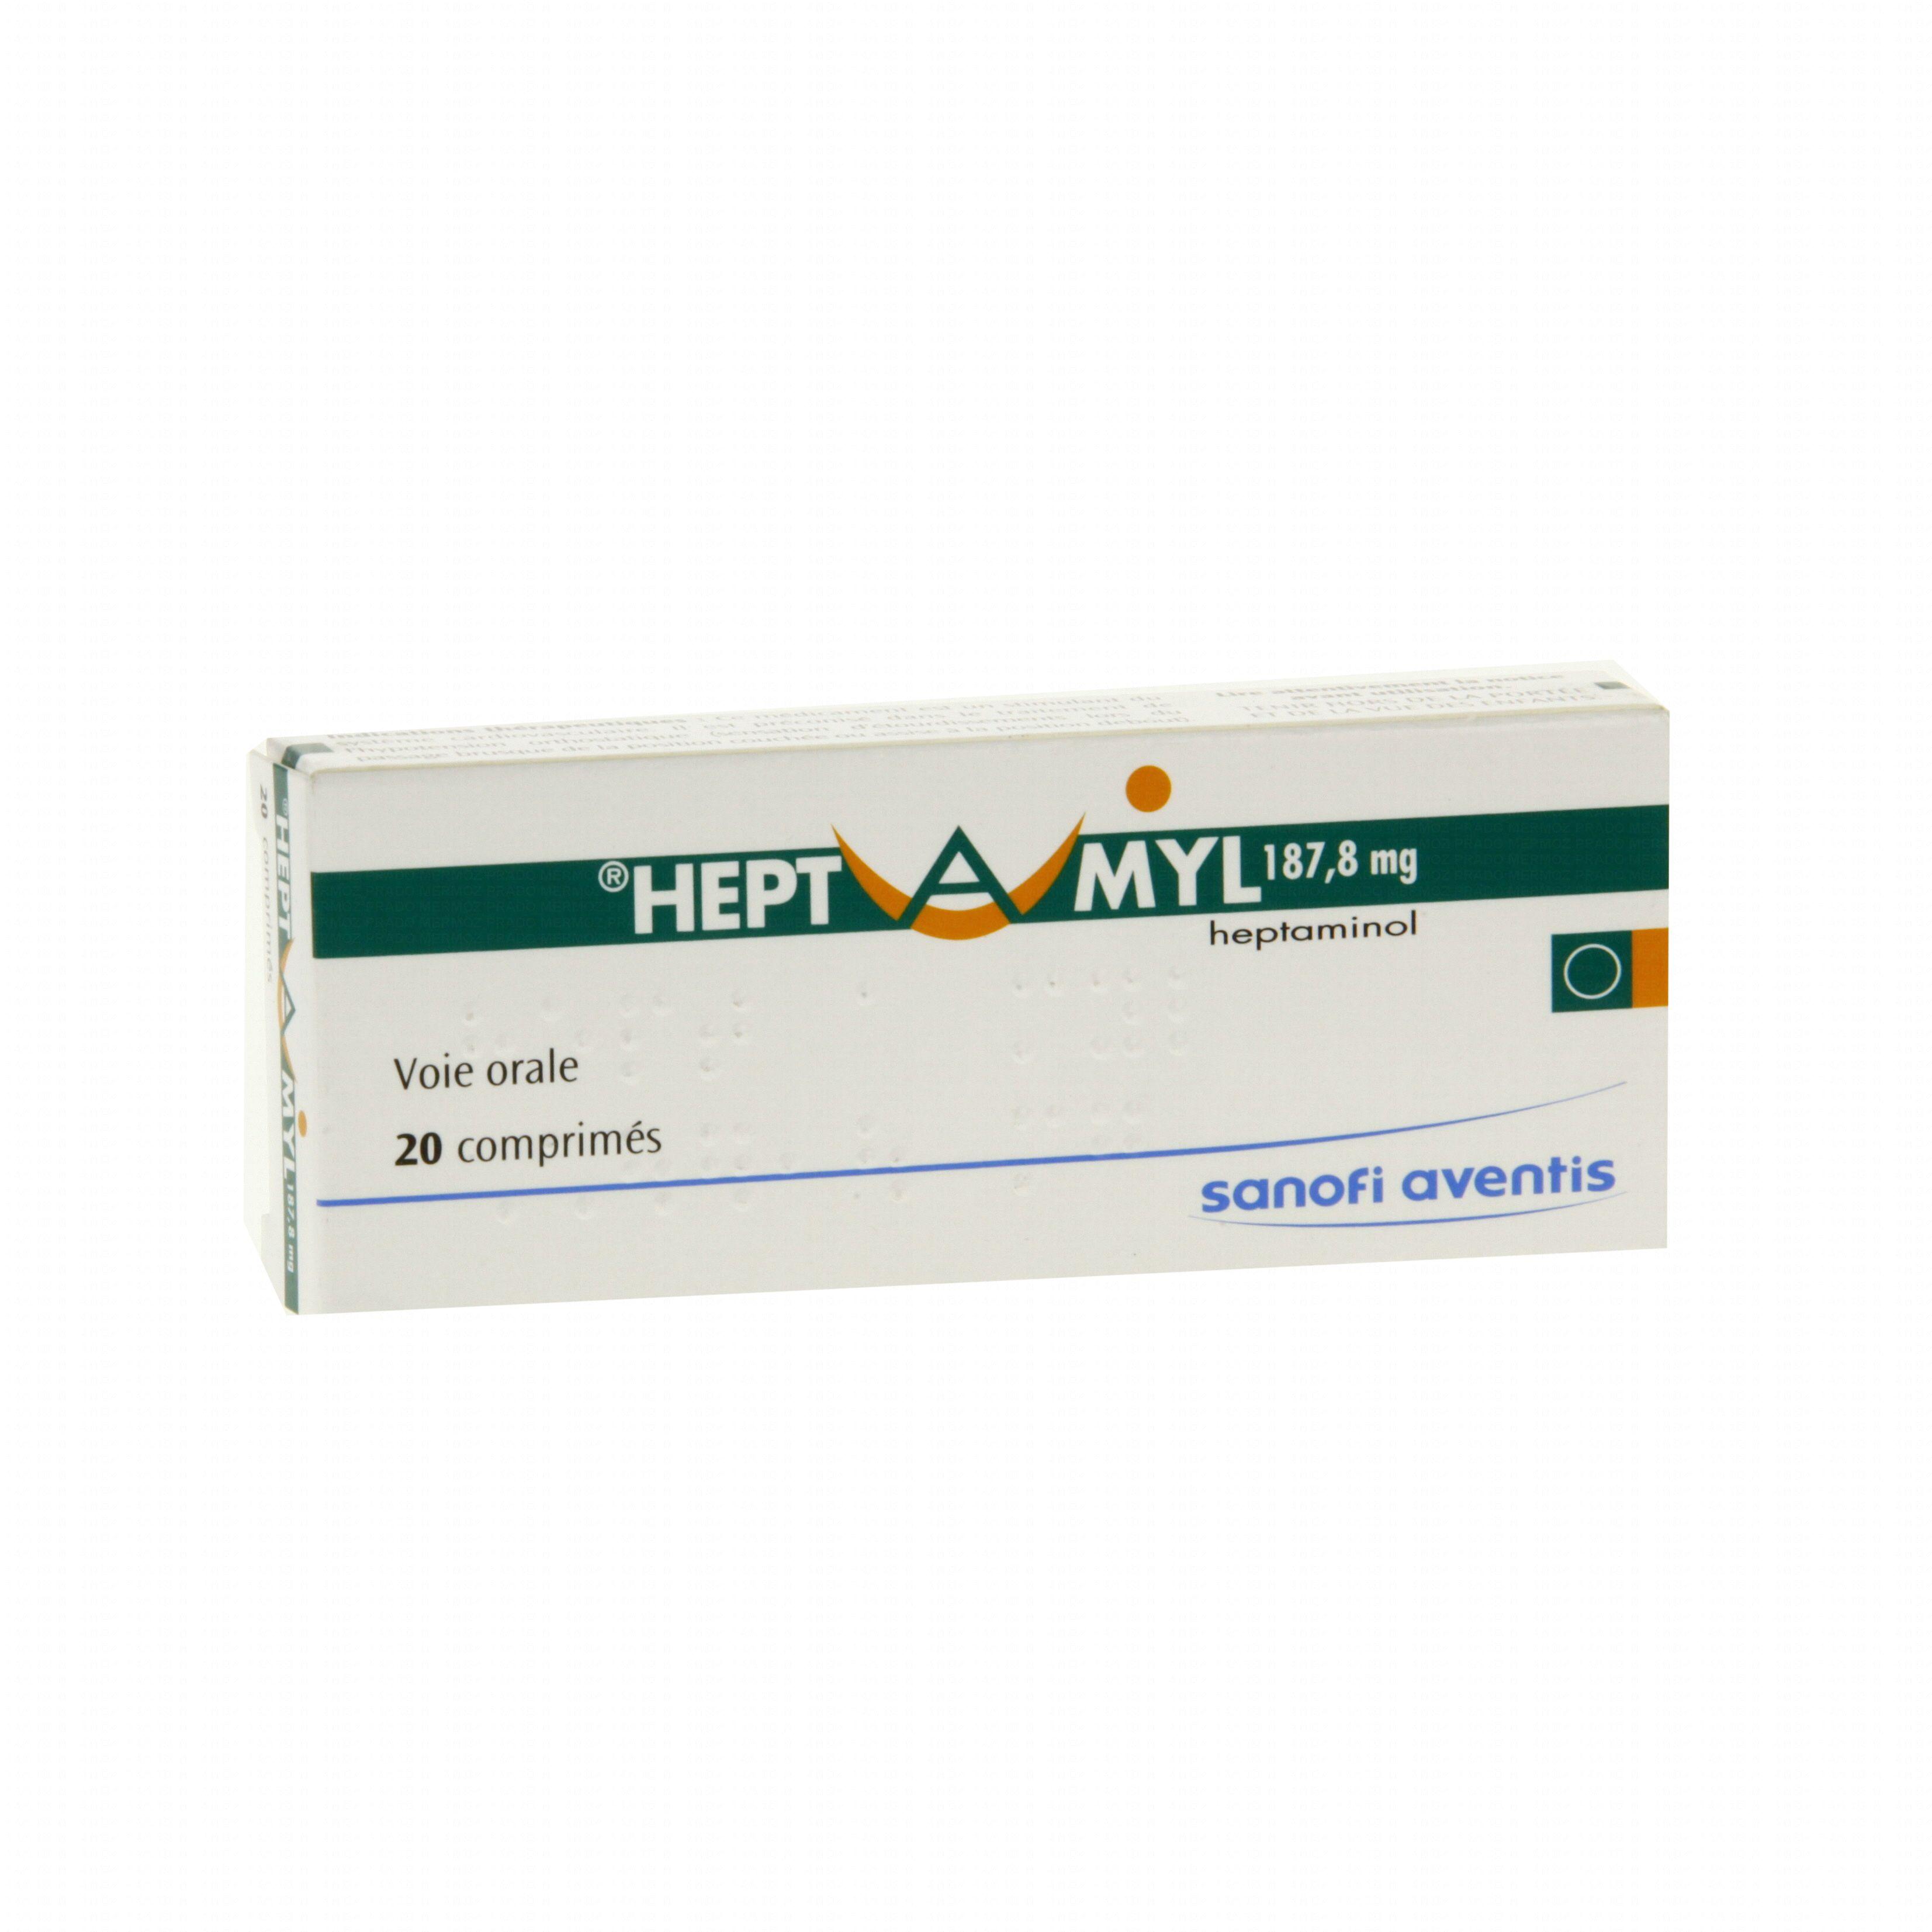 Hept a myl 187,8 mg boîte de 20 comprimés Sanofi Aventis